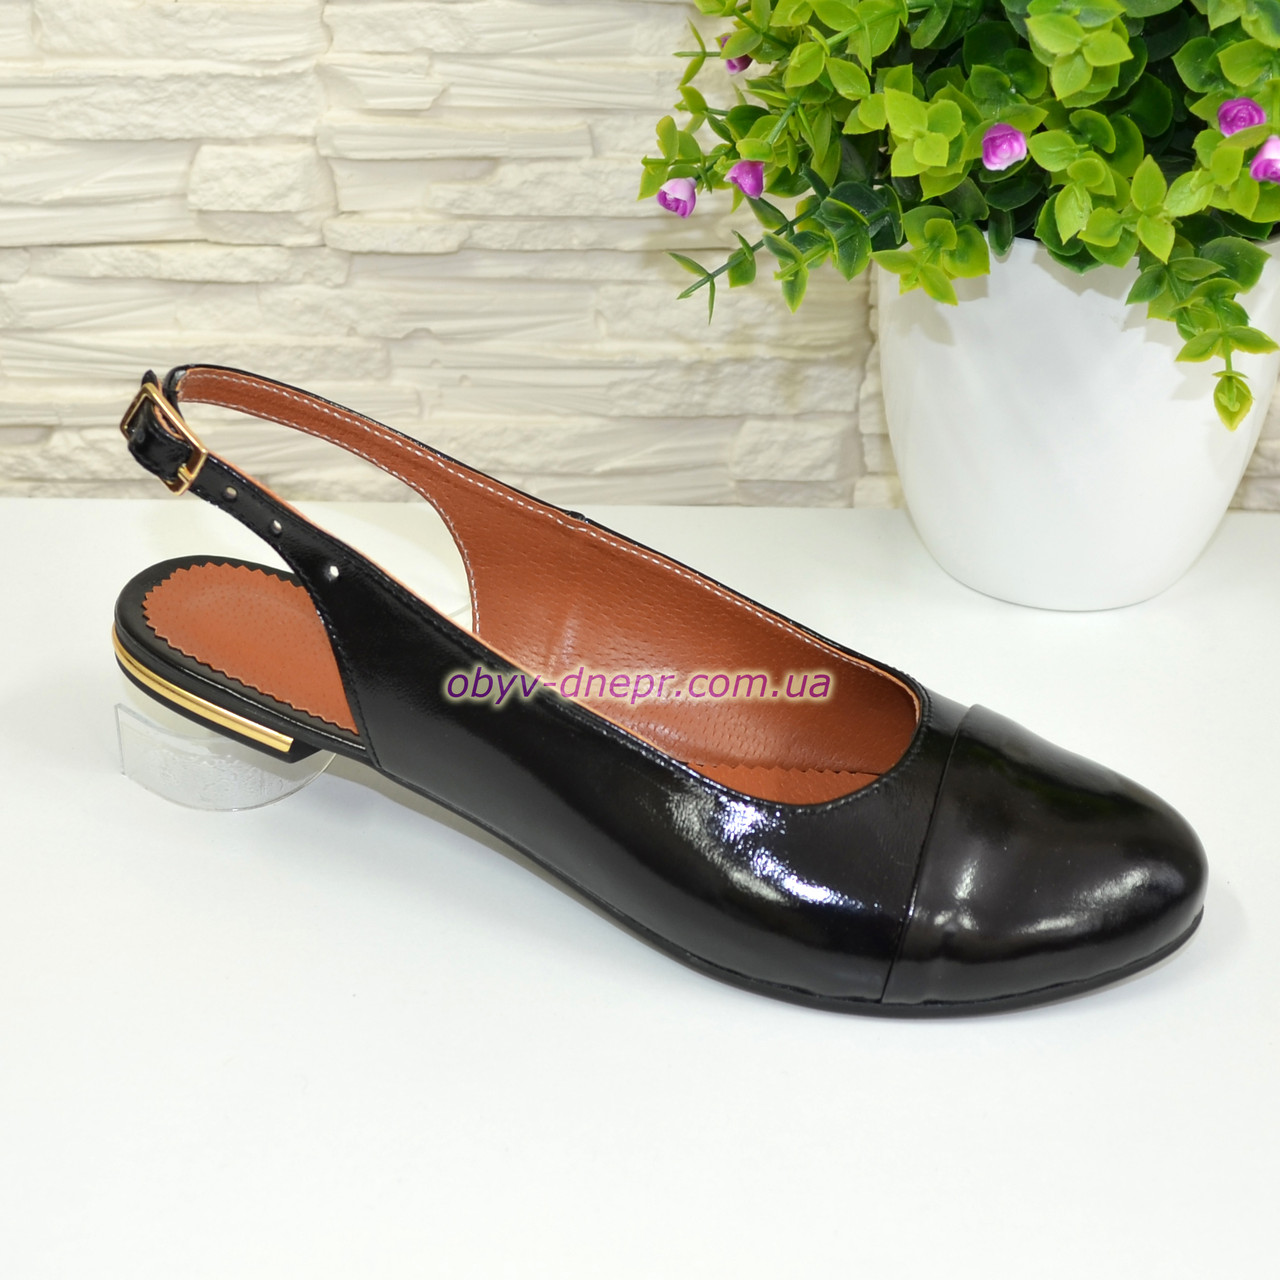 Женские черные лаковые босоножки с закрытым носком и открытой пяткой